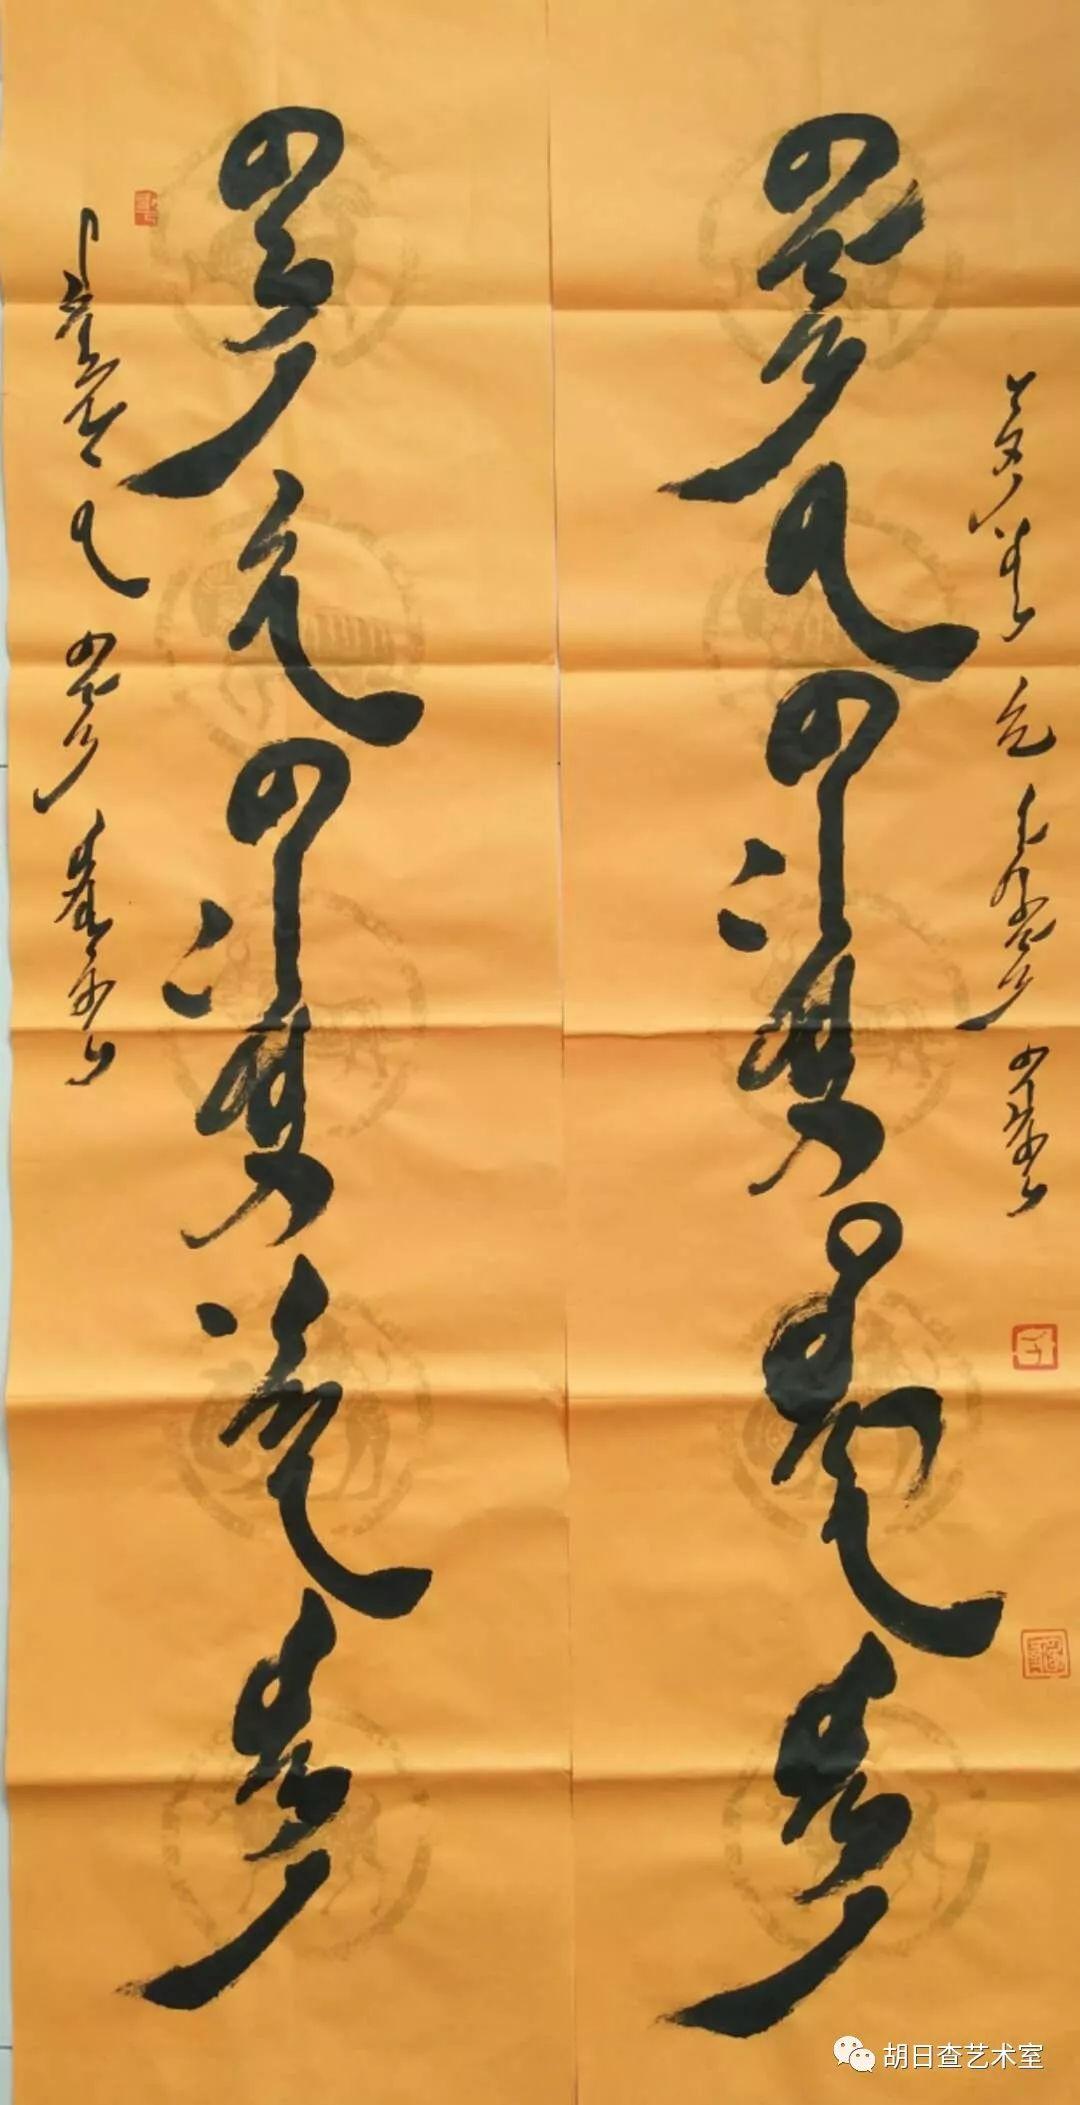 阿拉腾毕力格 • 蒙古文书法作品欣赏 第7张